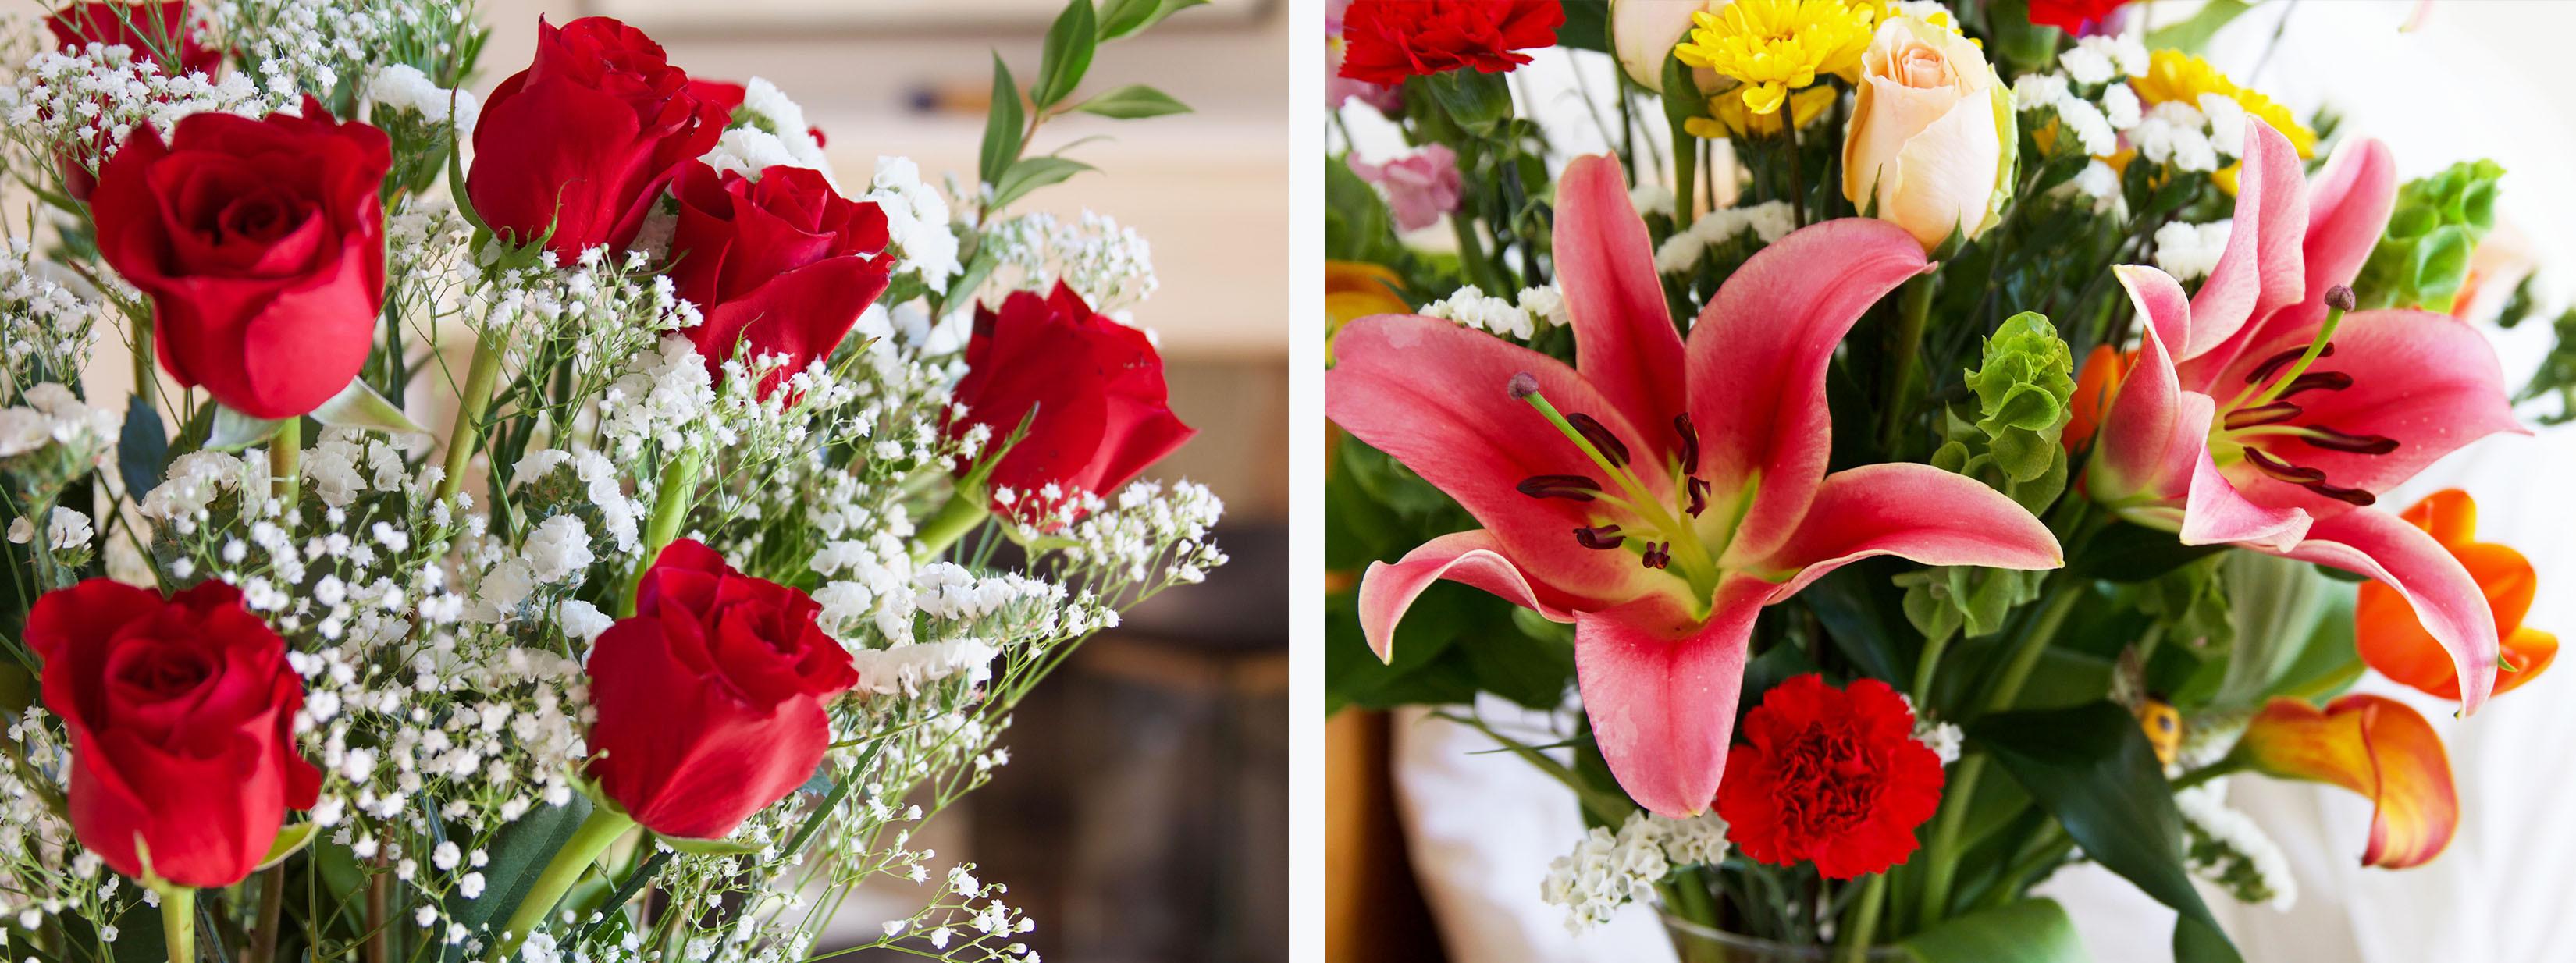 Albion-River-Inn-Flower-Special-Order